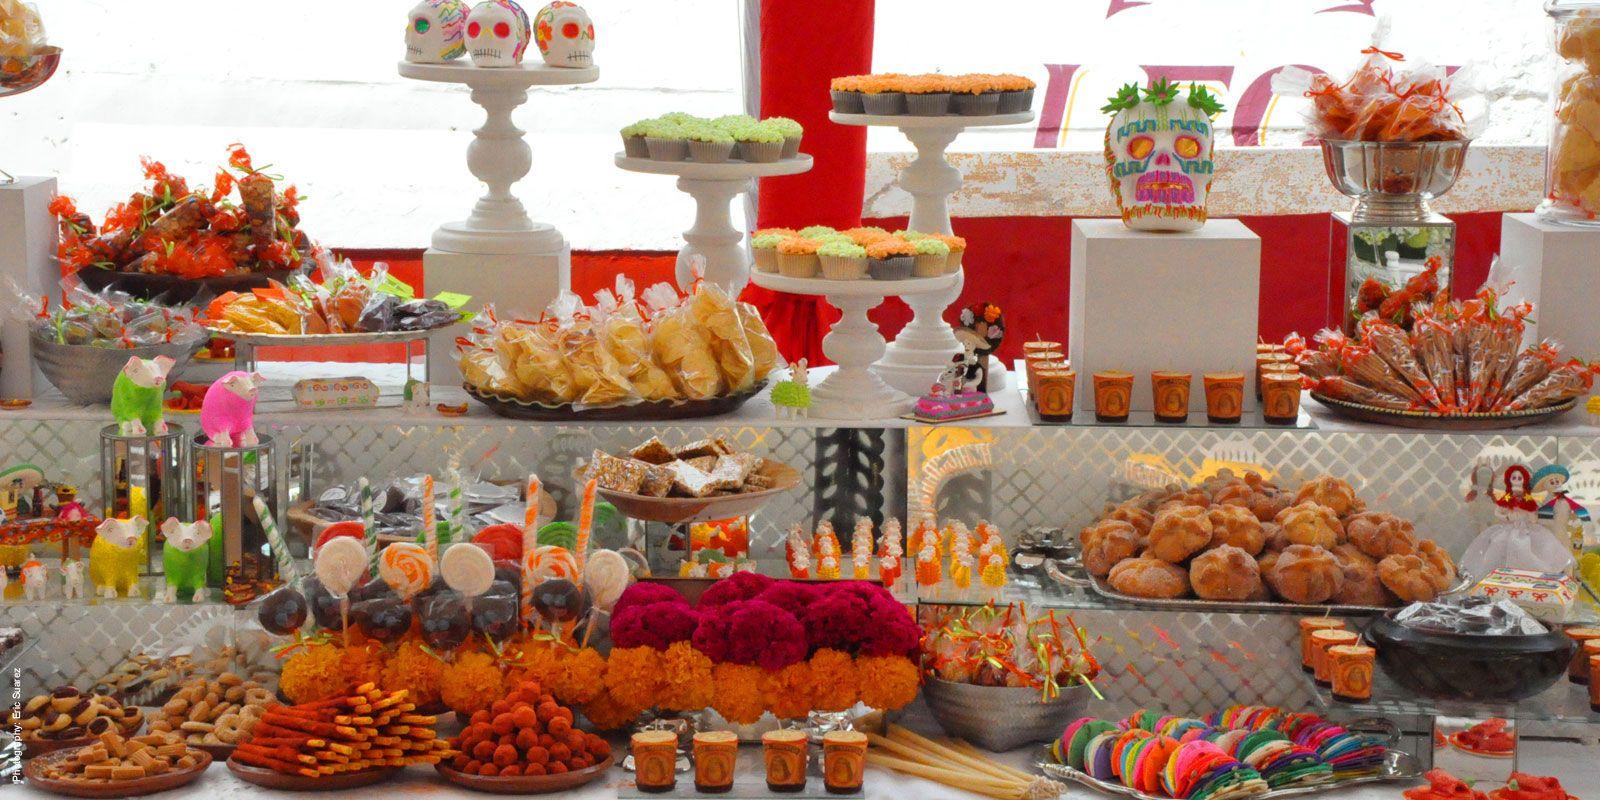 Penzi Bodas Y Eventos San Miguel De Allende Mexican Dessert Table Party Snack Table Mexican Candy Table